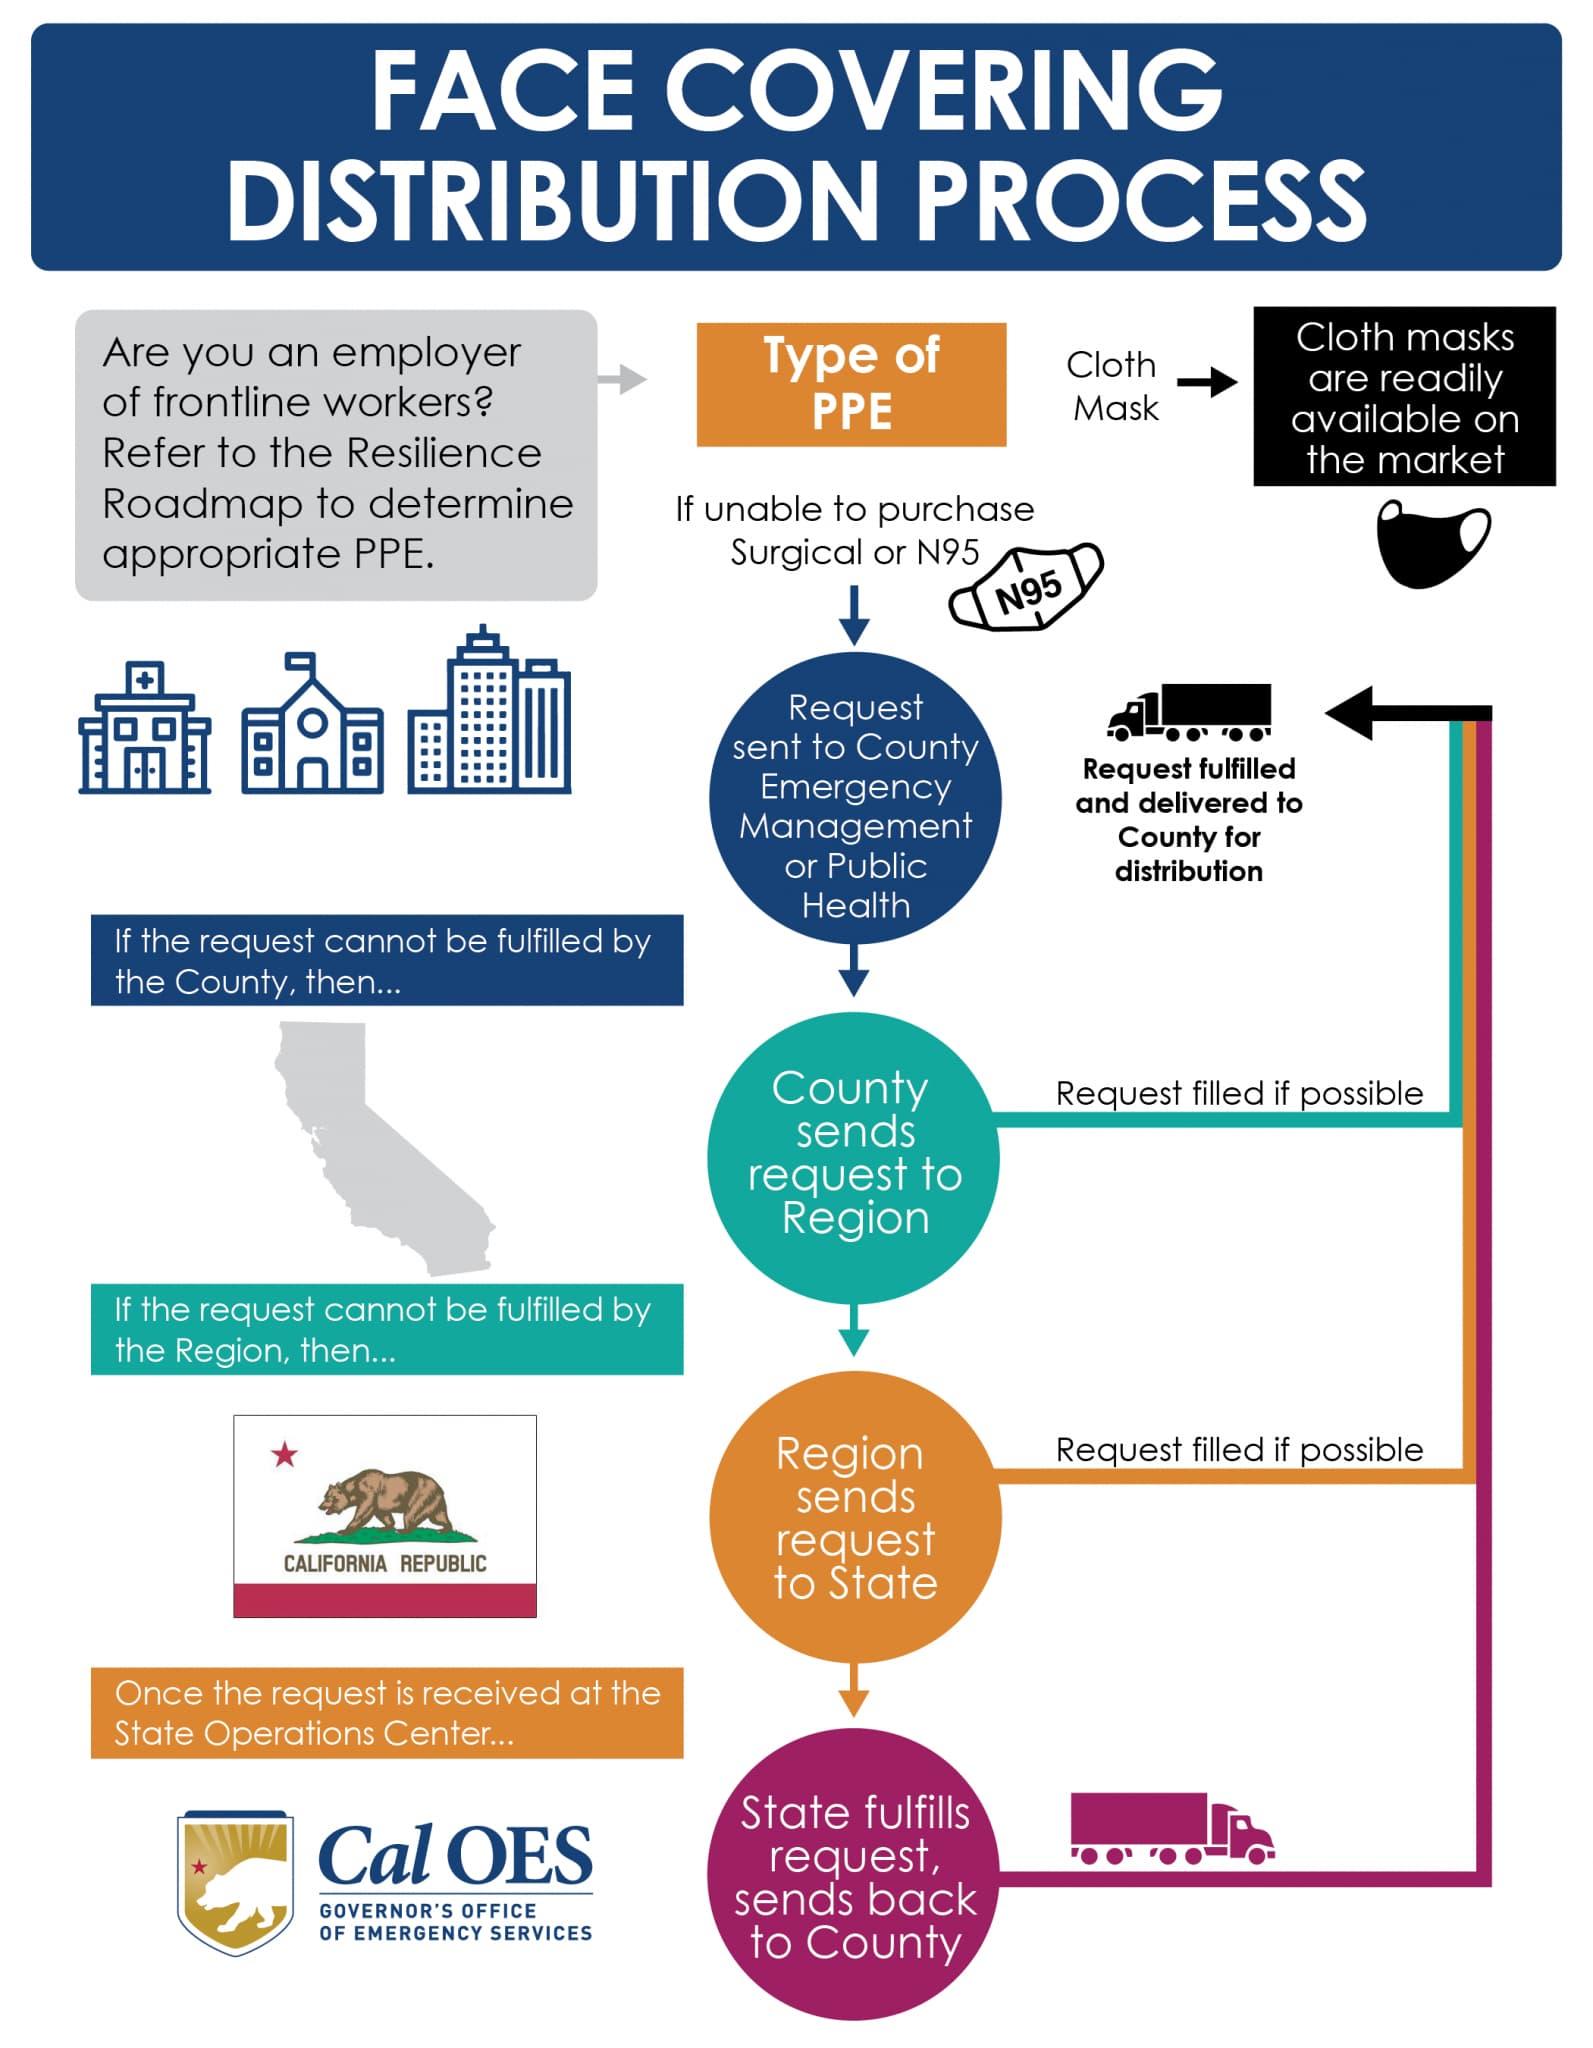 Diagrama de flujo del proceso de distribución de protectores faciales de la Oficina de Servicios de Emergencia de California (California Office of Emergency Services, Cal OES)